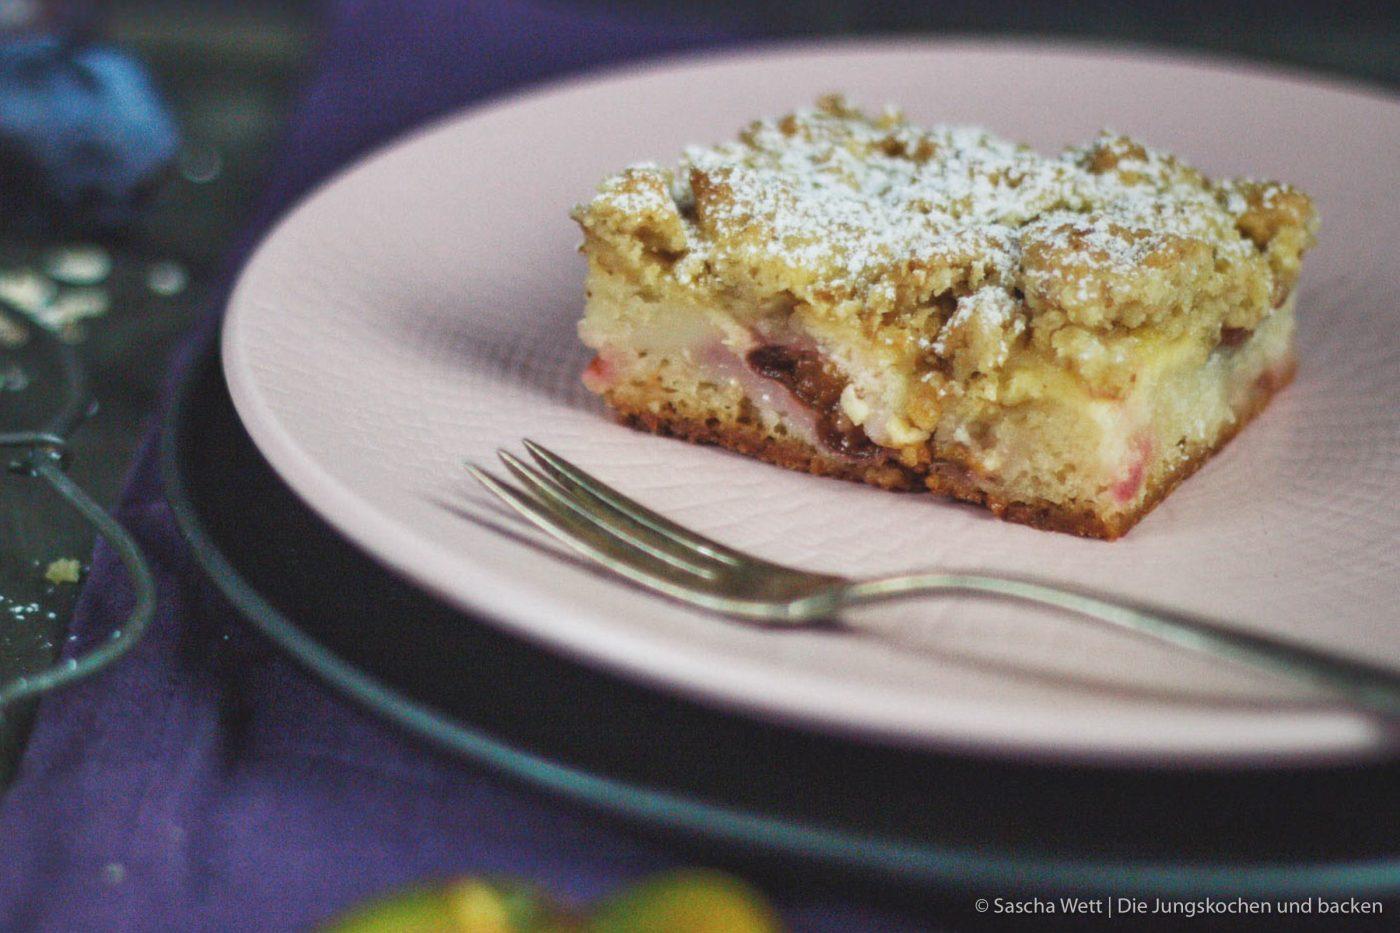 Zwetschgen Cheesecake Crumble 6 | Vielleicht erinnert ihr euch noch an dieses leckere Rezept und wir wissen, dass dieser Crumble-Cheesecake mit Zwetschgen schon von einigen von euch nach gebacken wurde. Warum wir euch dieses Rezept heute noch einmal vorstellen? Das ist eine berechtigte Frage.